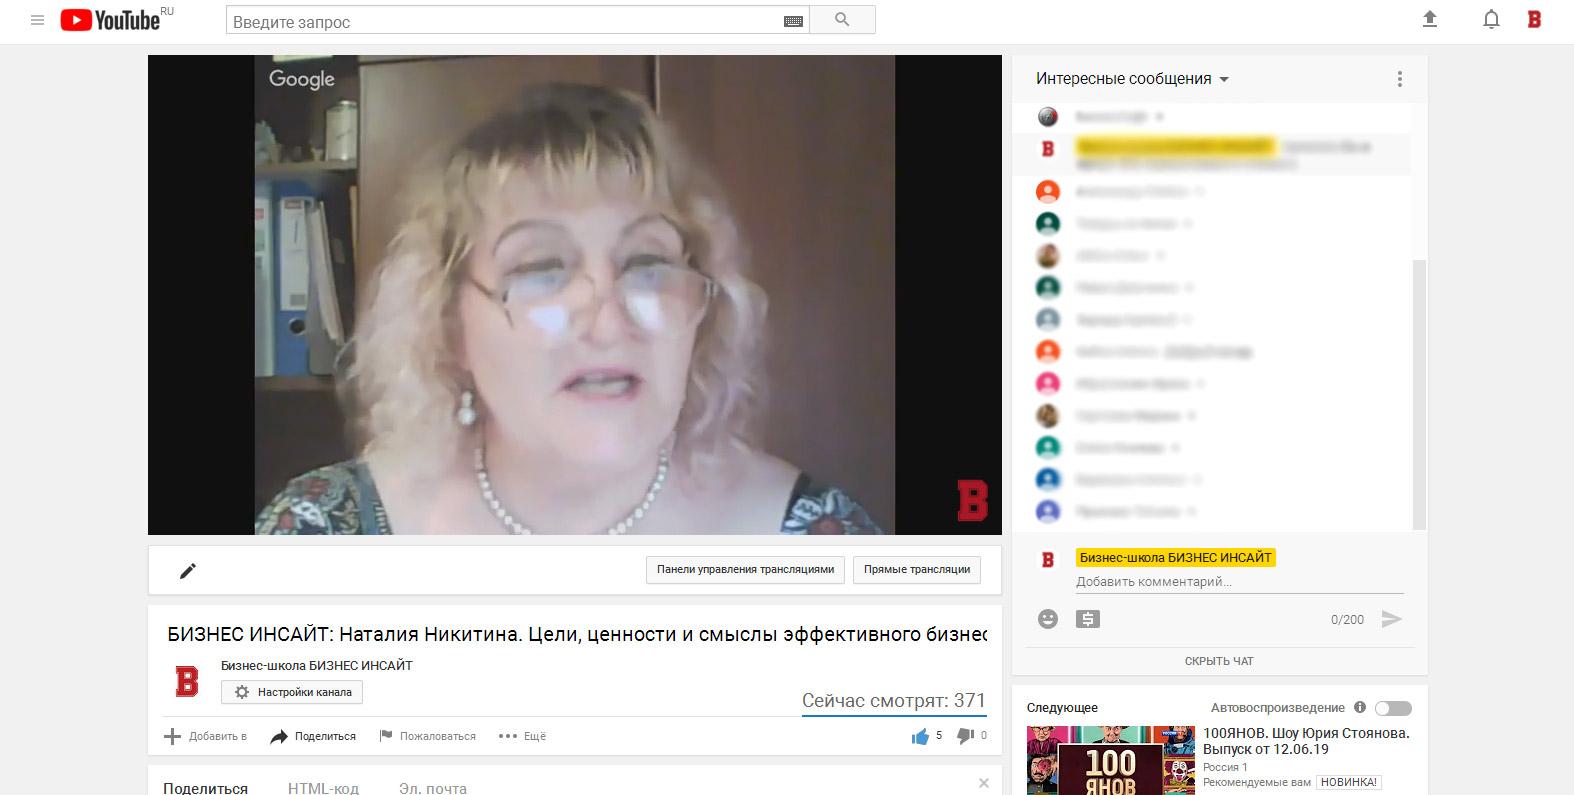 Наталия Никитина провела открытый (бесплатный) вебинар в бизнес-школе БИЗНЕС ИНСАЙТ